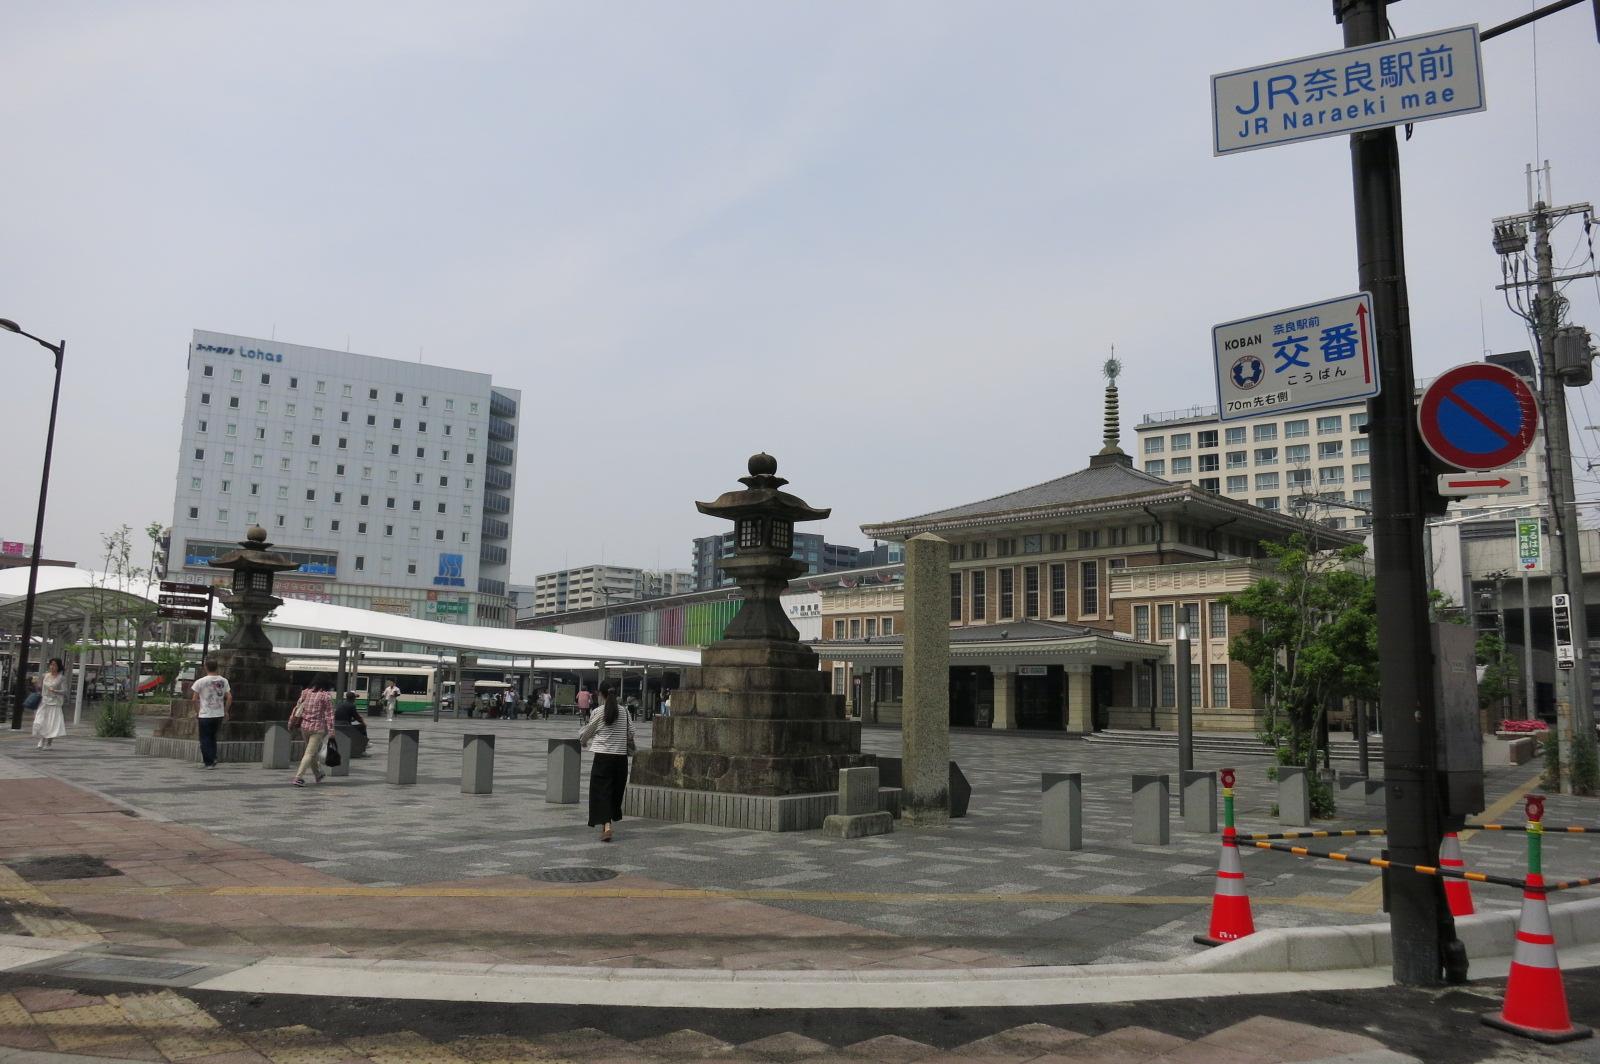 JR奈良駅が見えてきました。